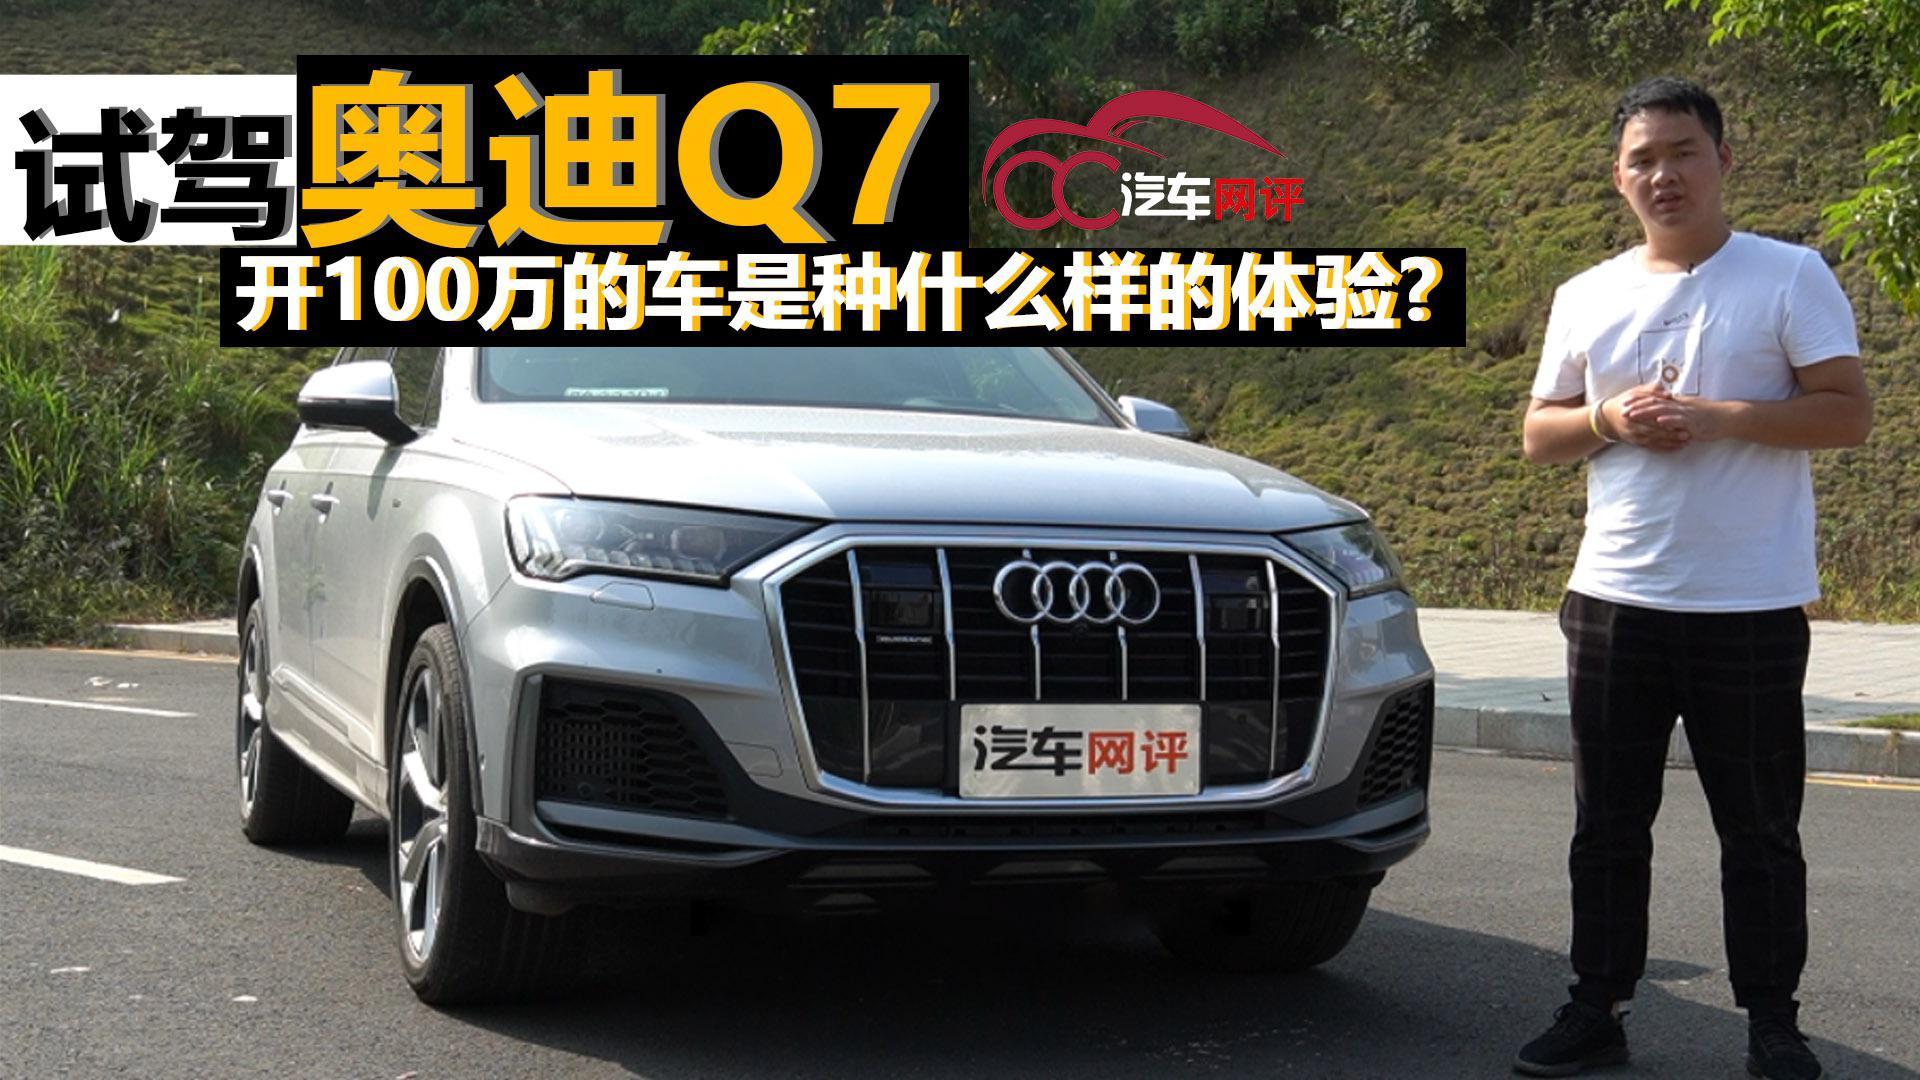 视频:近百万的奥迪Q7 亮点不止是V6发动机 还有近十万的音响